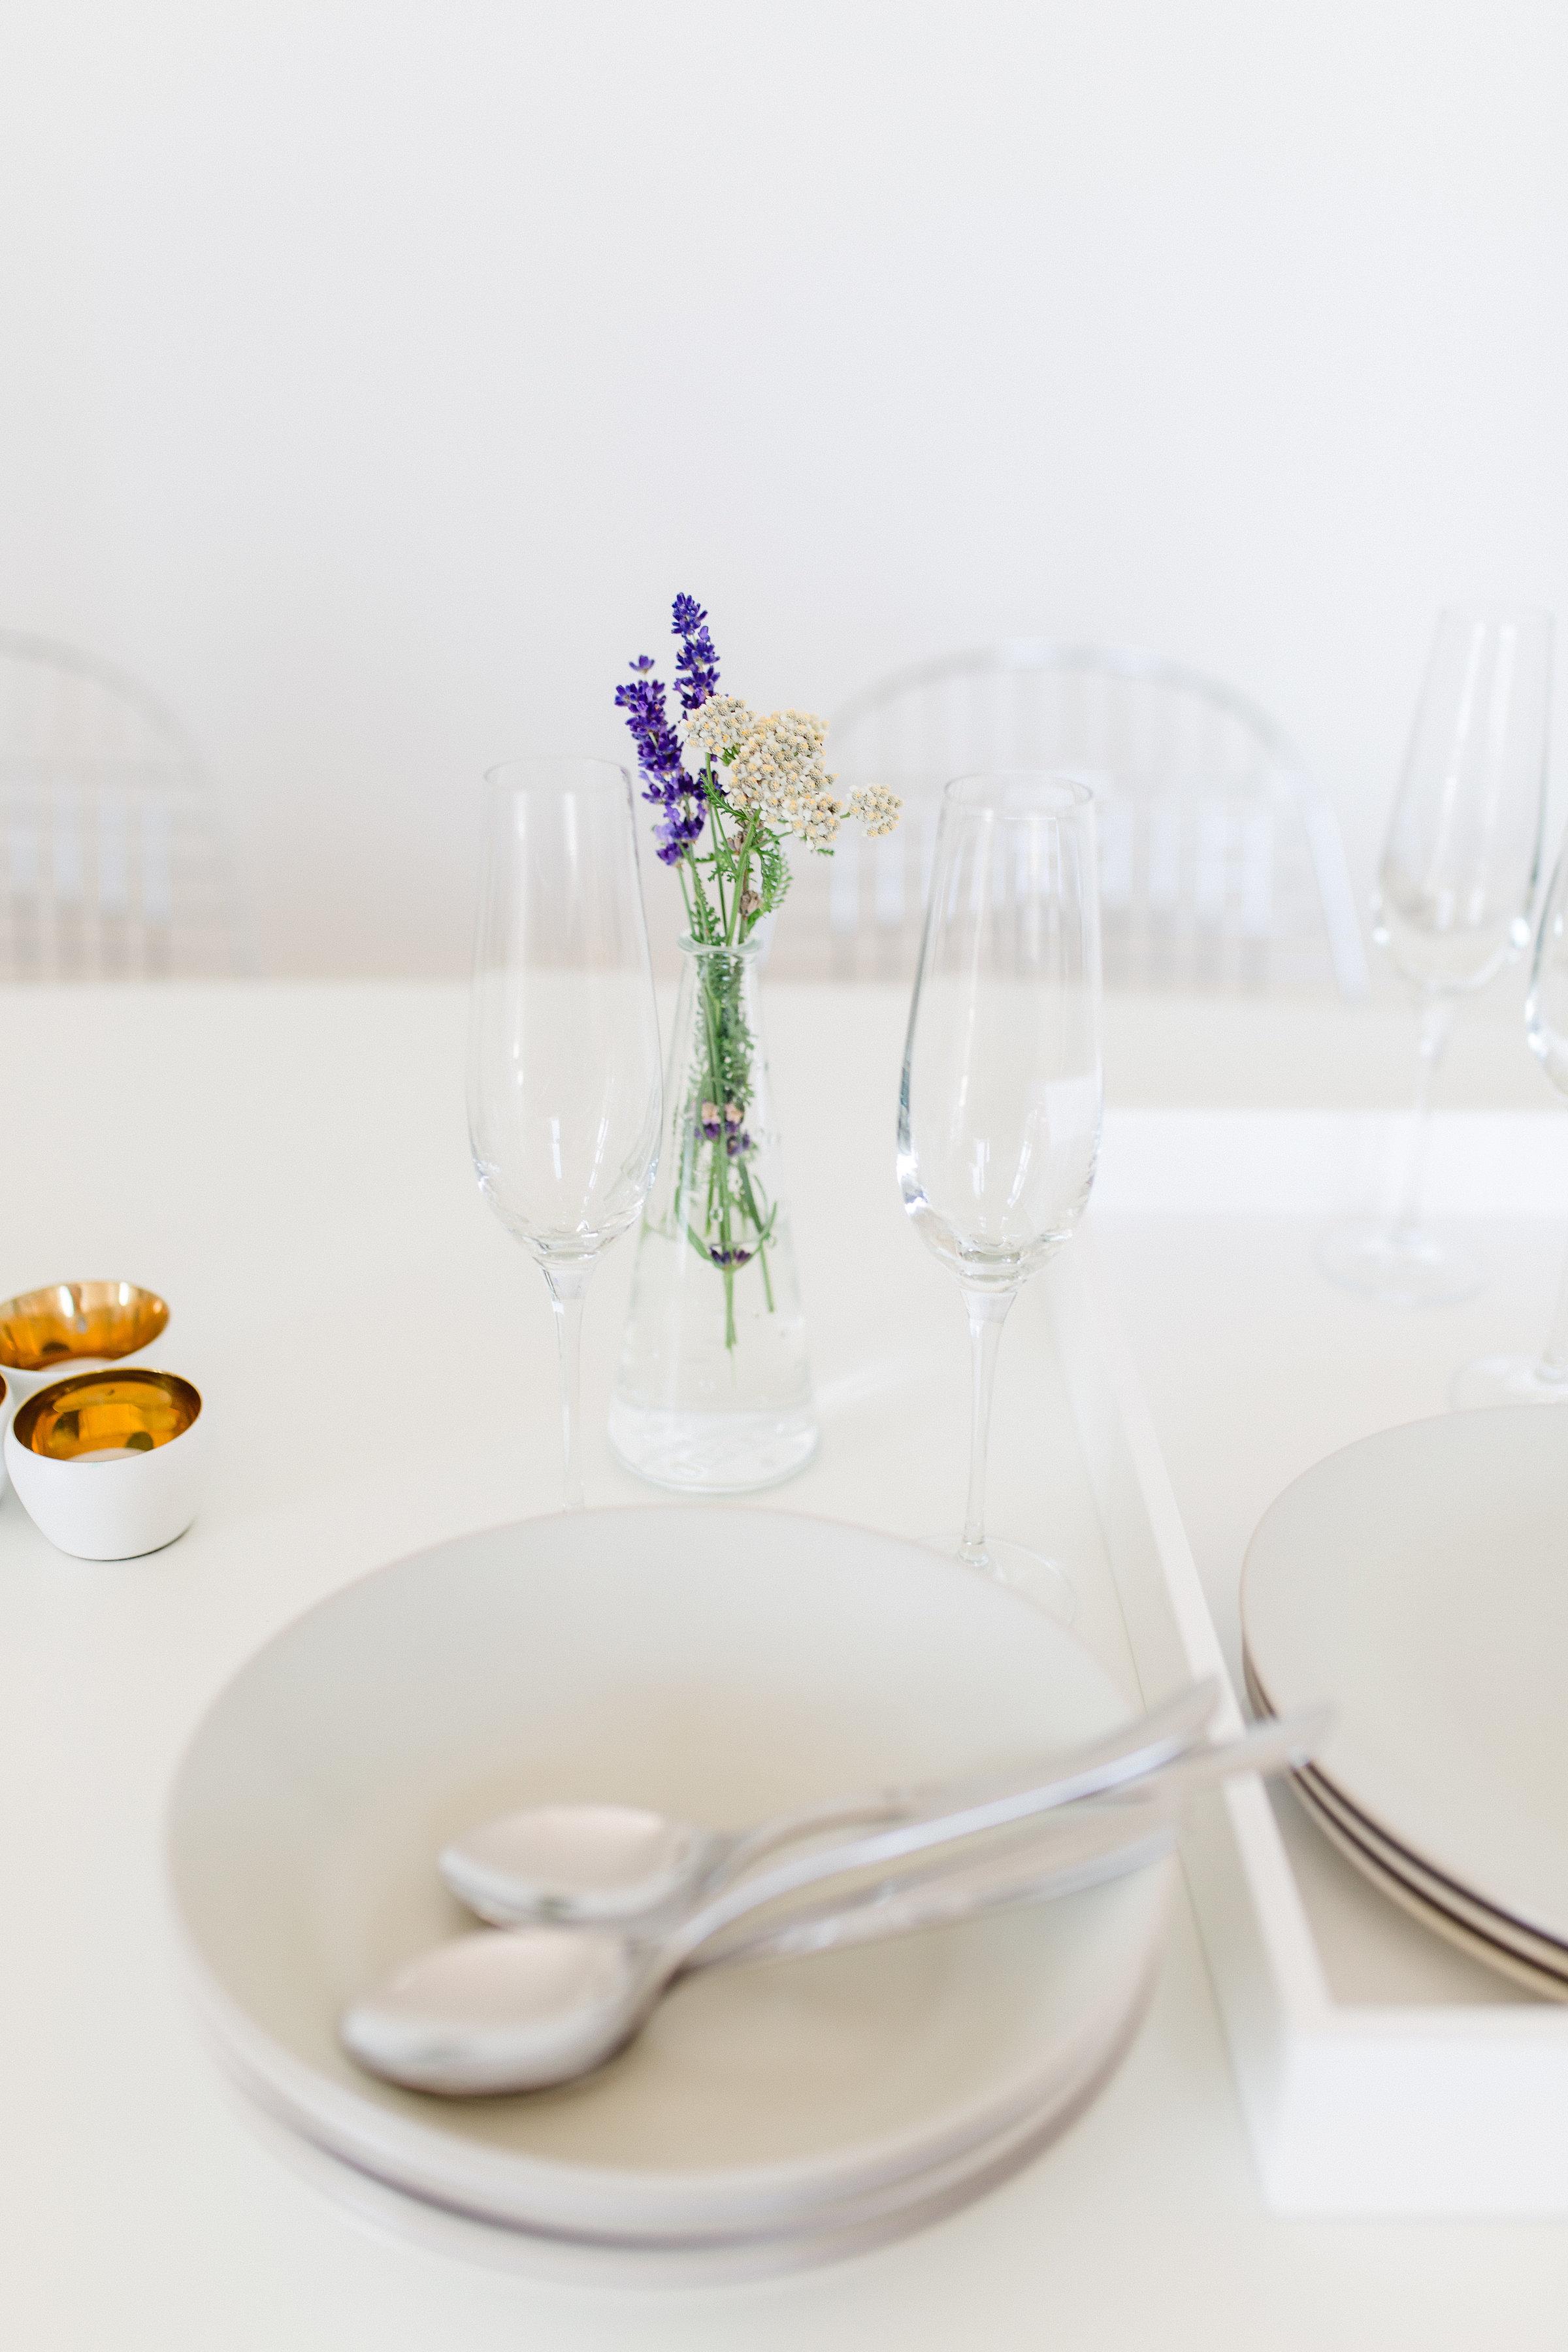 SOFIA cm interior and style blog zurich geneva switzerland